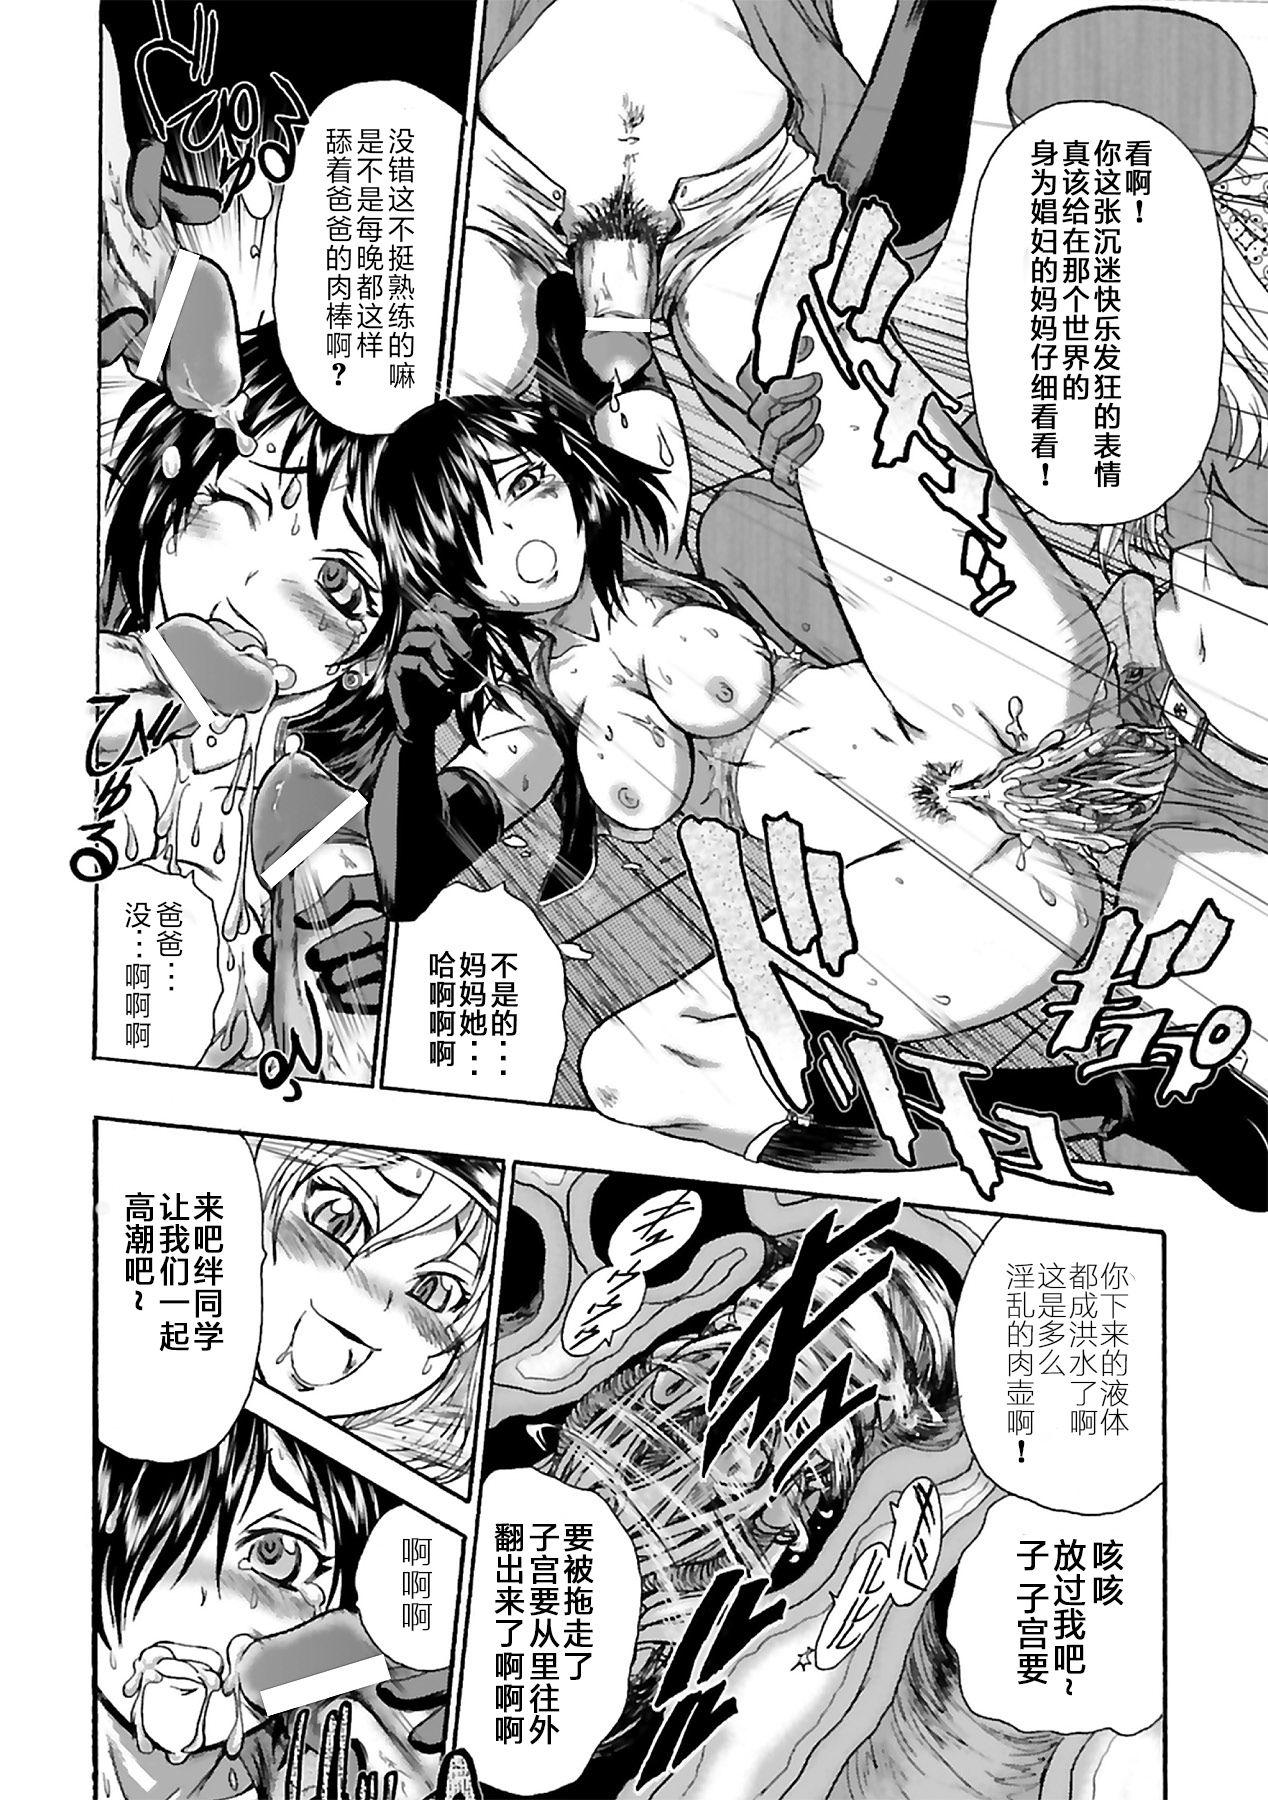 Kuon no Kizuna 17